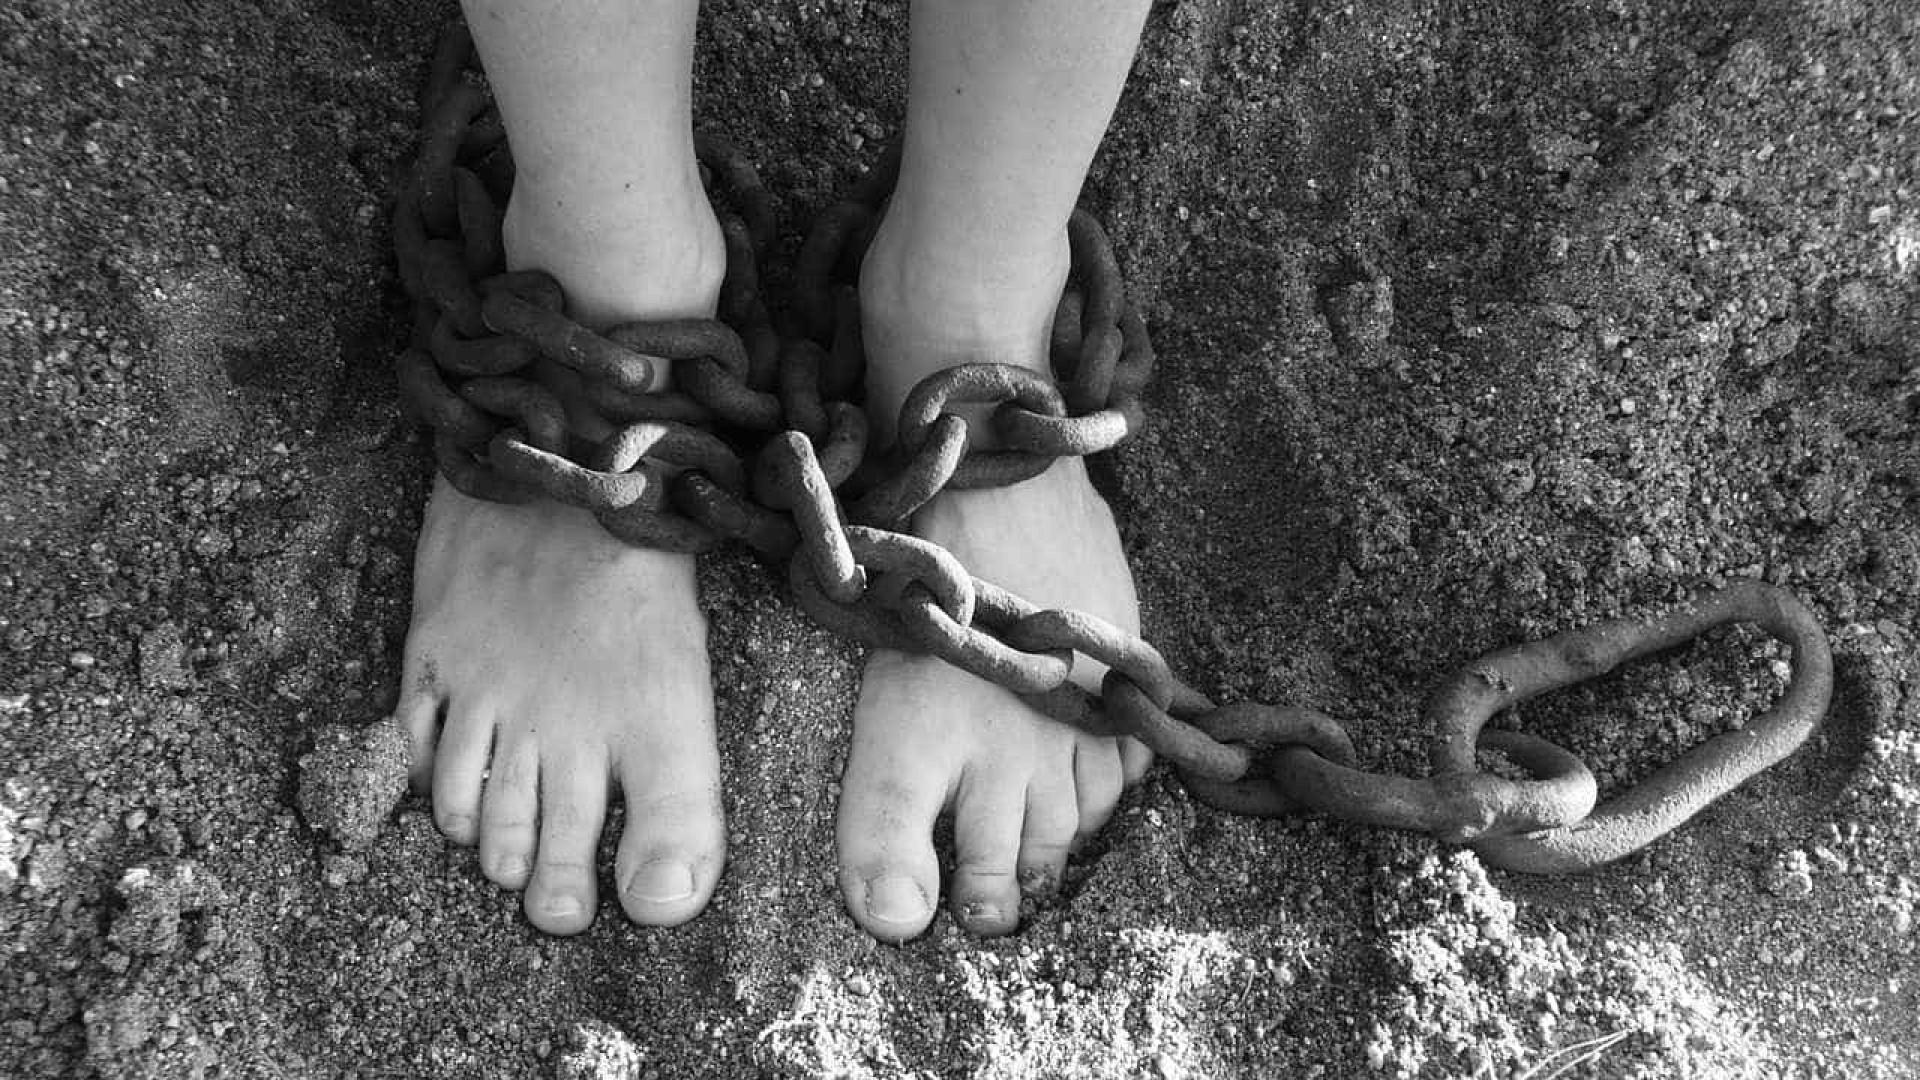 Torturada com colher quente e cigarro, jovem é achada morta no CE